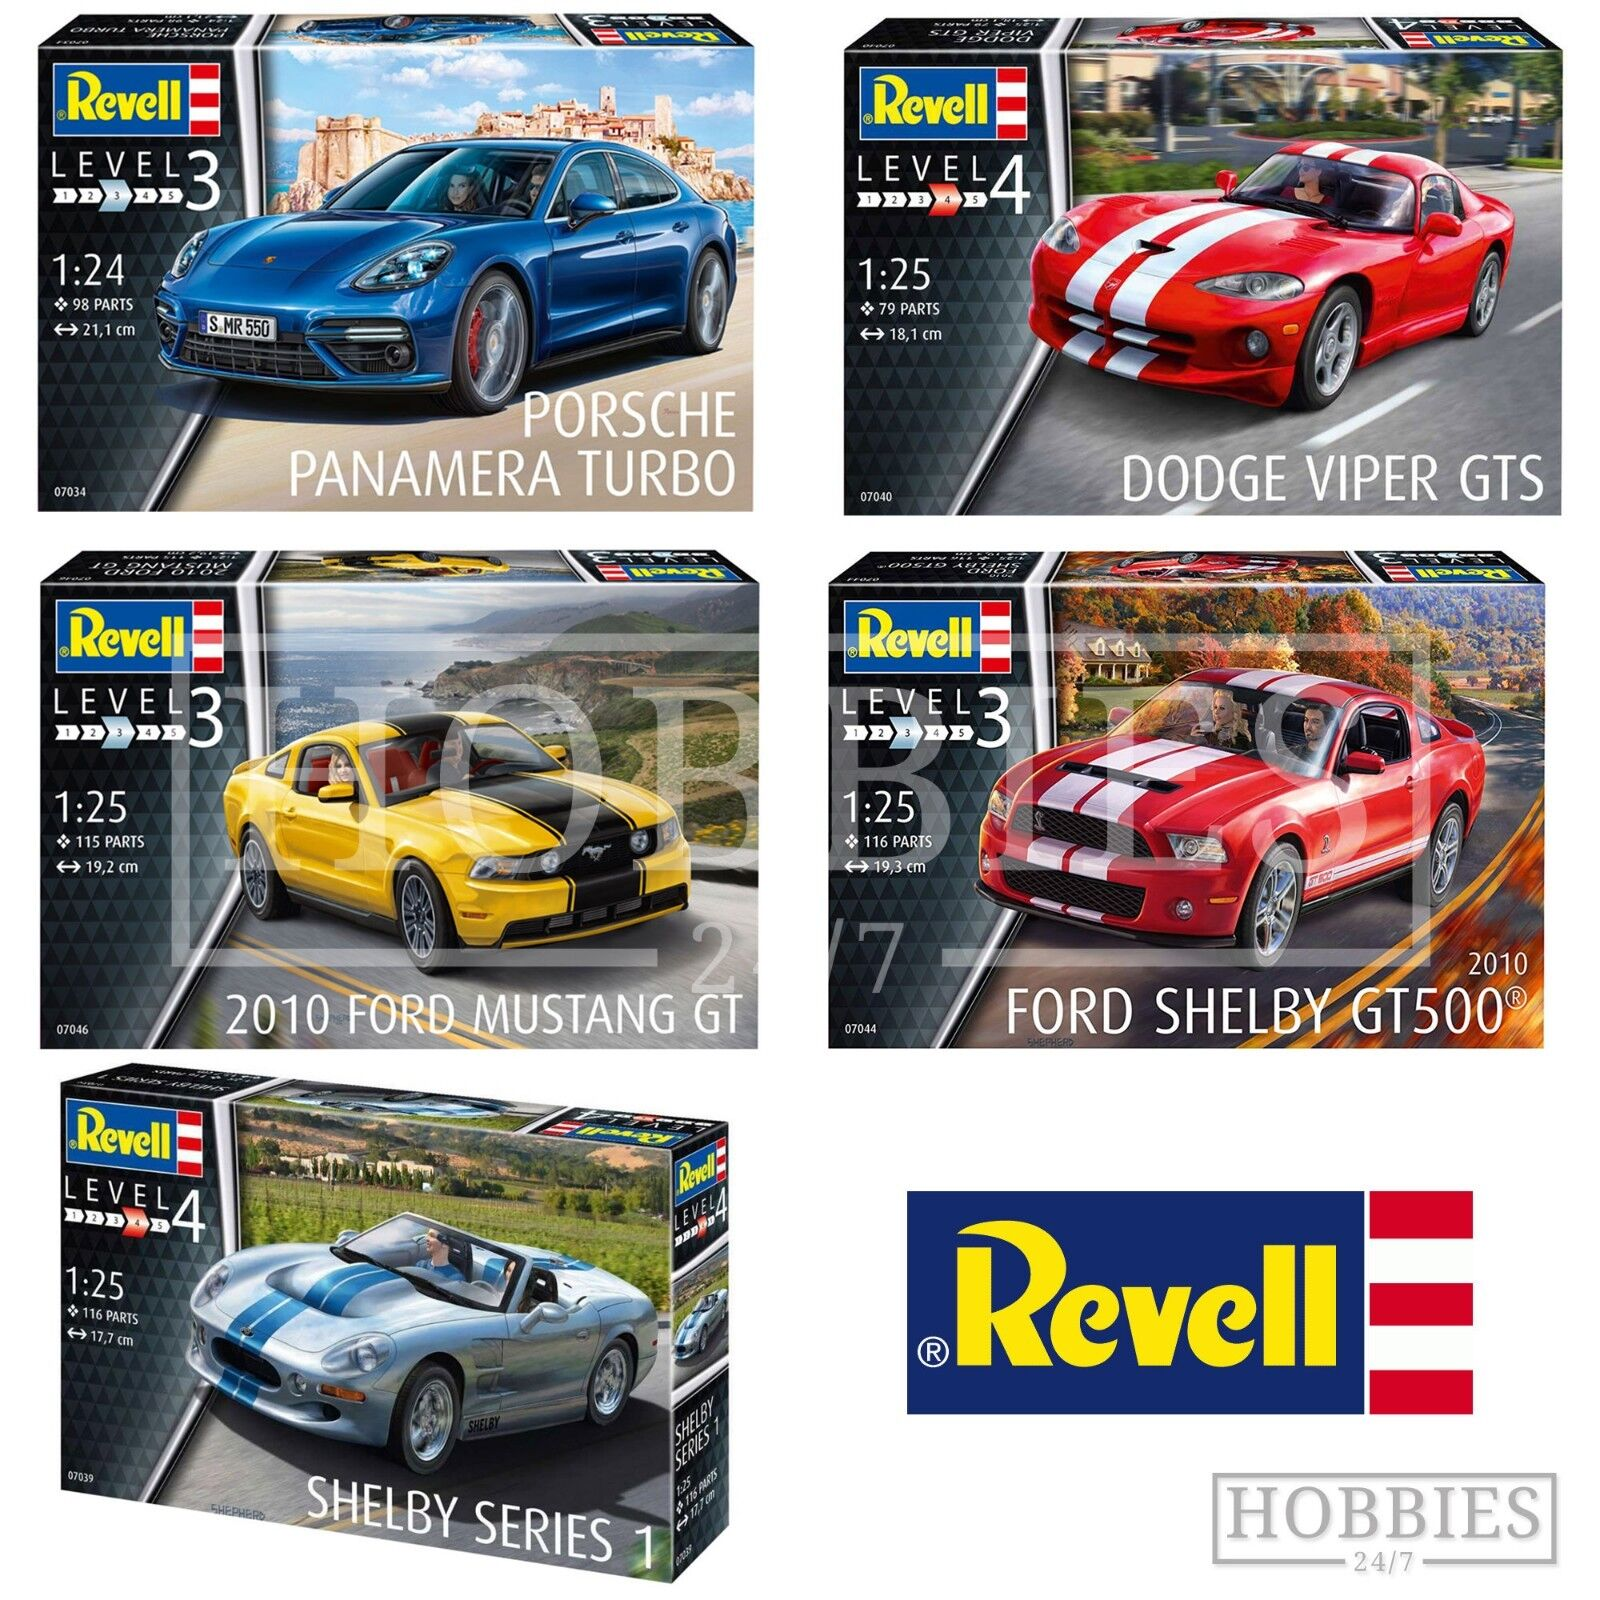 Revell Sport Car Model Kits 1 24 1 25 Porsche Ford Mustang Dodge Viper Shelby